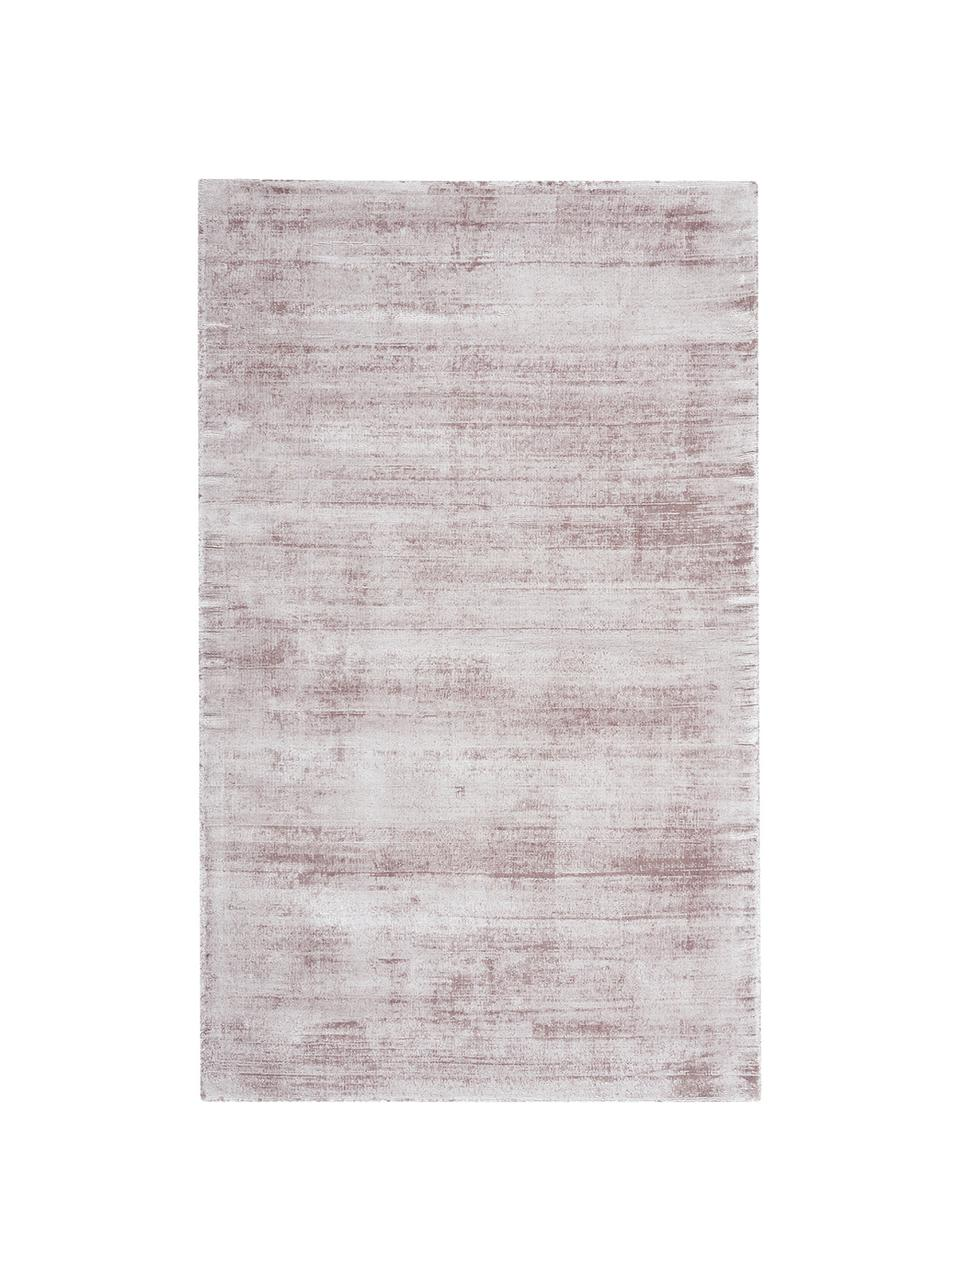 Tappeto in viscosa lilla tessuto a mano Jane, Retro: 100% cotone, Lilla, Larg. 160 x Lung. 230 cm  (taglia M)